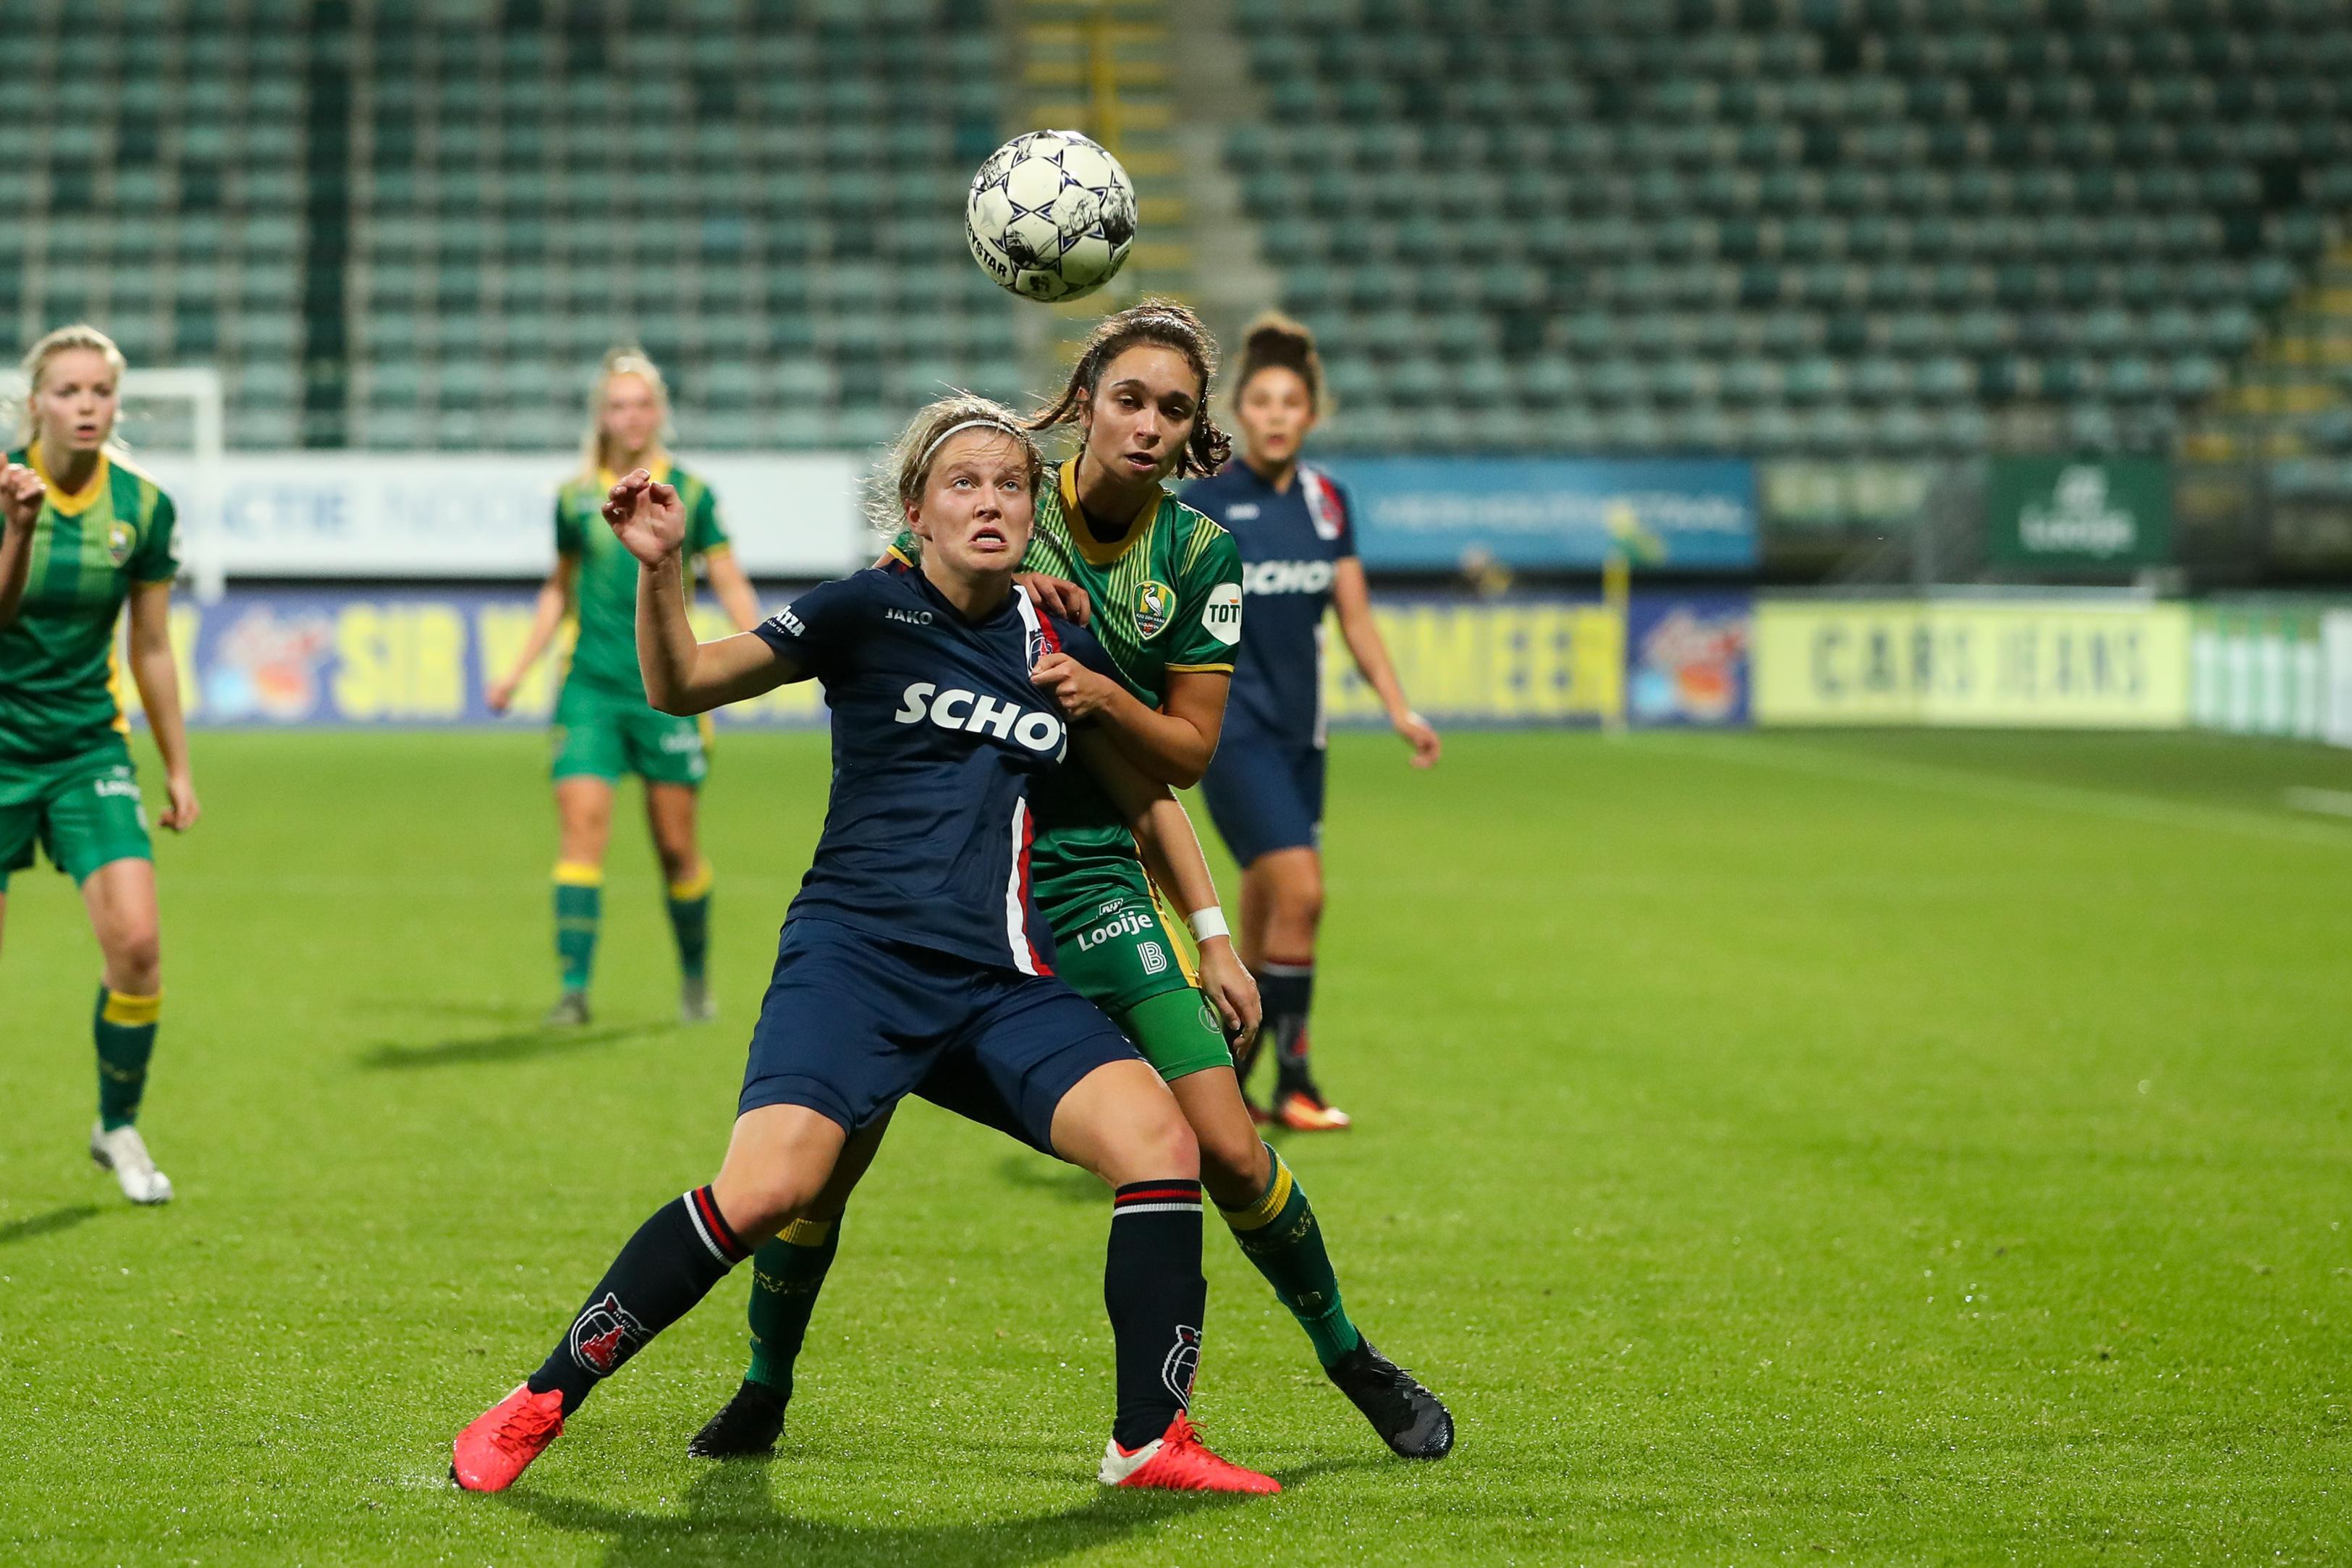 VV Alkmaar hervat competitie in eredivisie vrouwen met gelijkspel in Den Haag: 'Het is toch leuk om weer wedstrijden te kunnen voetballen'